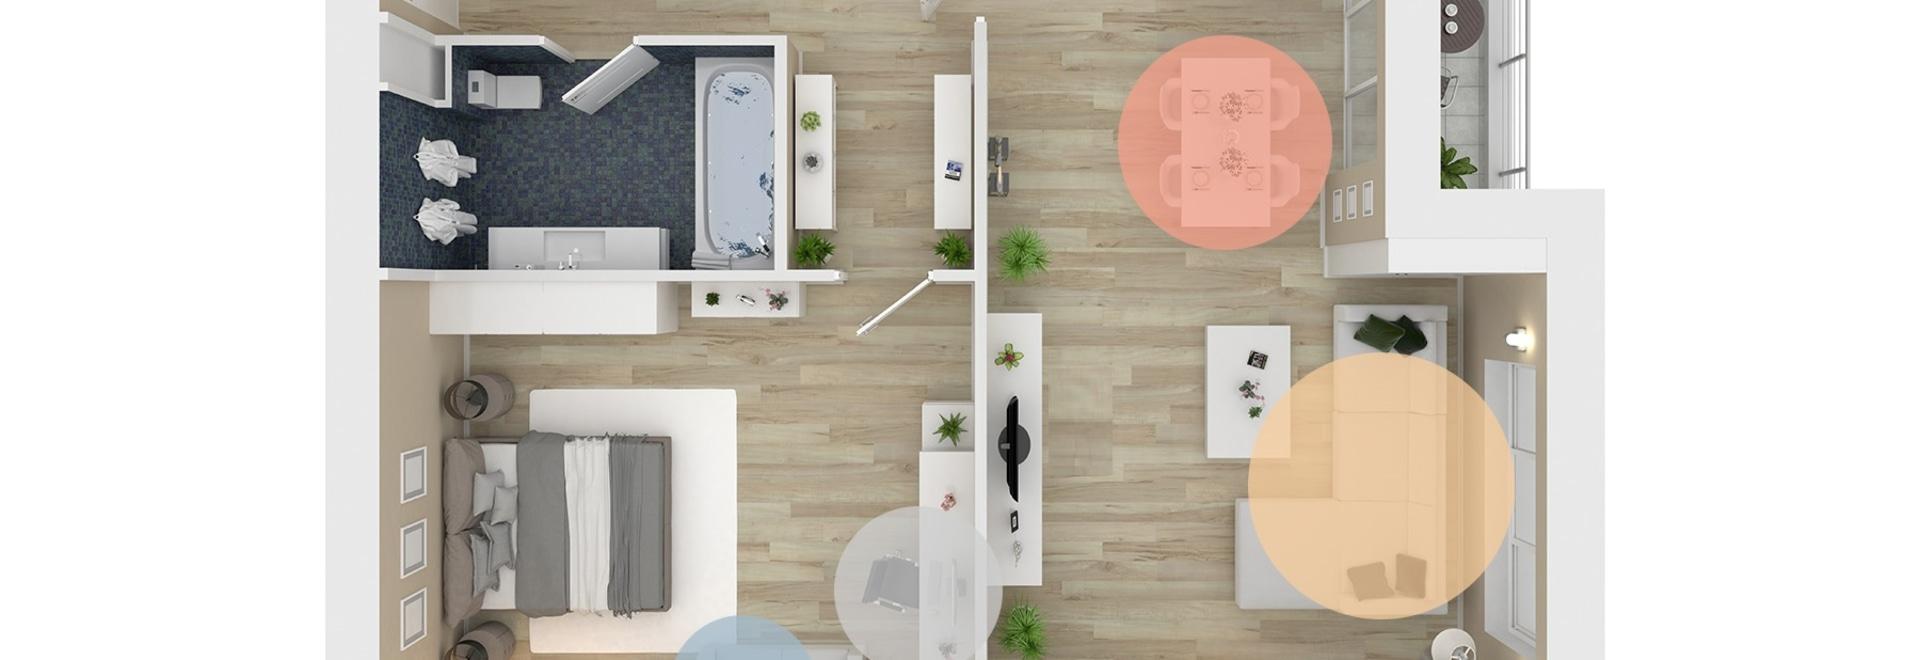 #MakeYourSpaceAtHome: Wie können Sie die Work-Life-Balance aufrechterhalten? Teilen Sie Ihr Zuhause in Zonen ein!